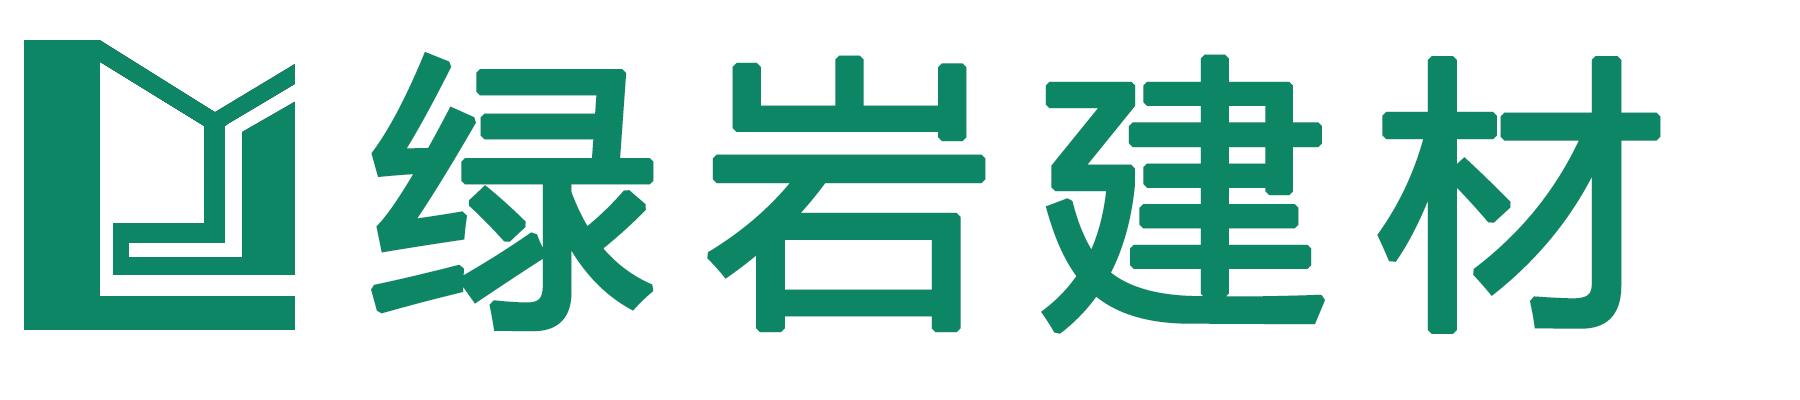 福建省绿岩节能建材有限公司